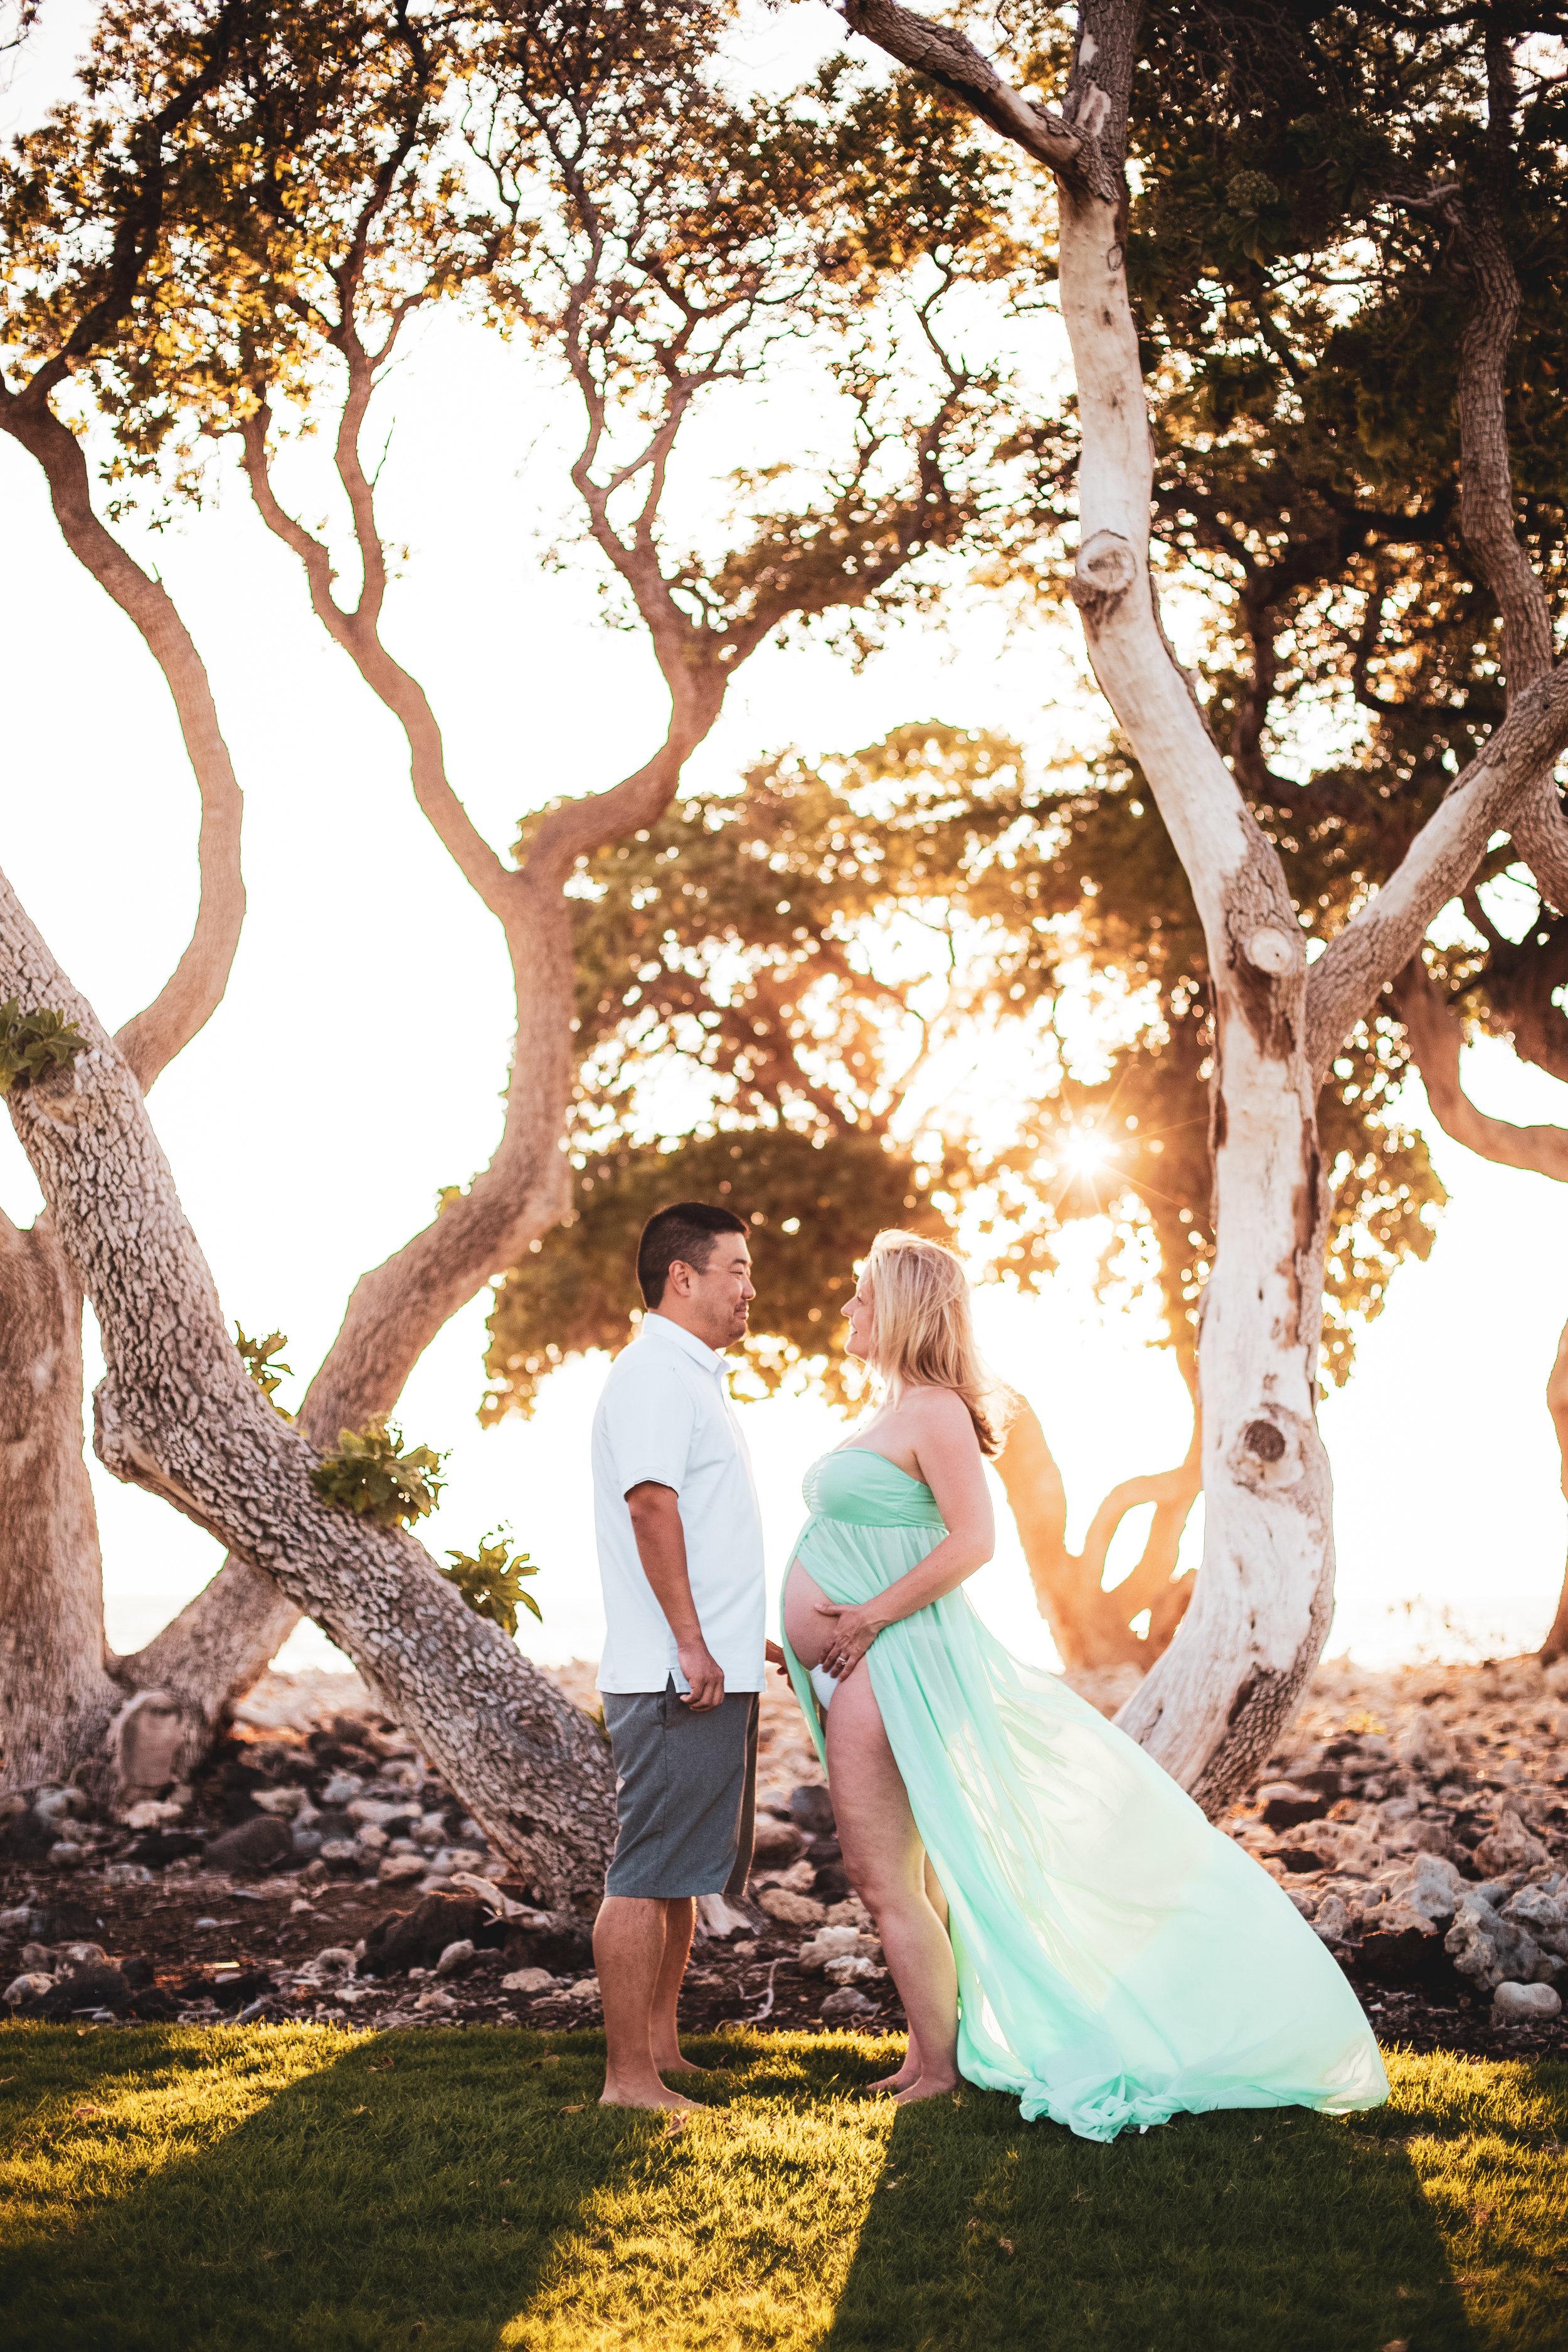 kelilina photography lifestyle maternity photographer-2.jpg